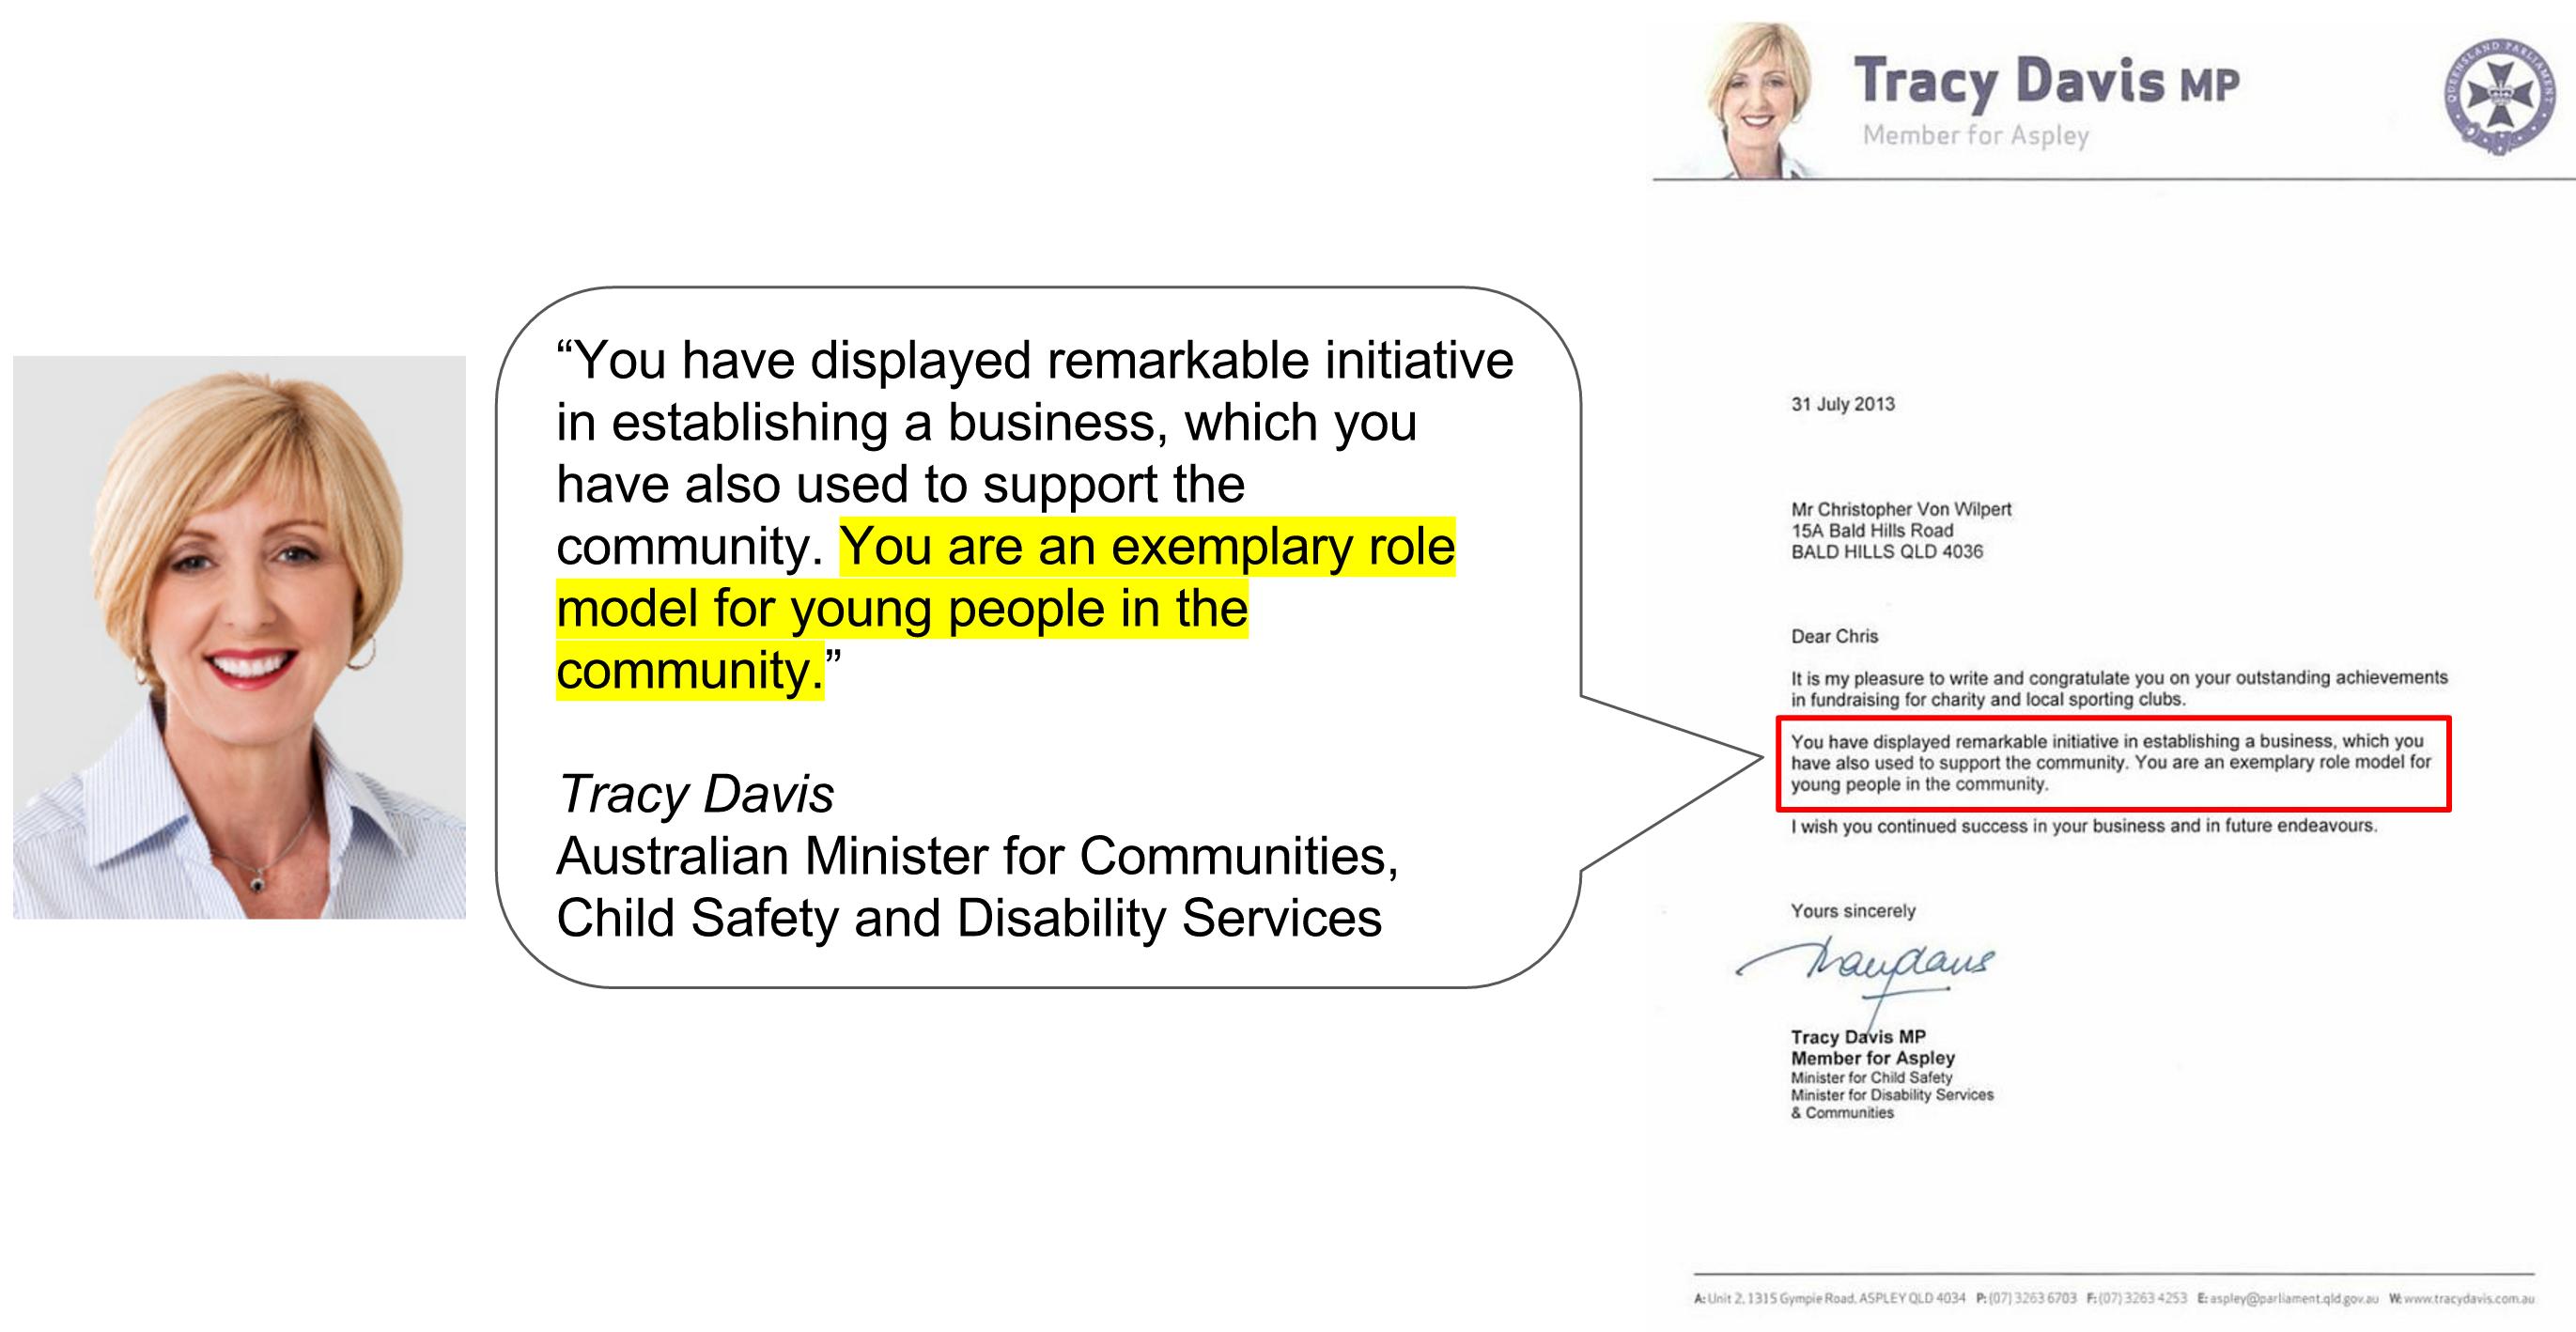 Australian Minister Letter